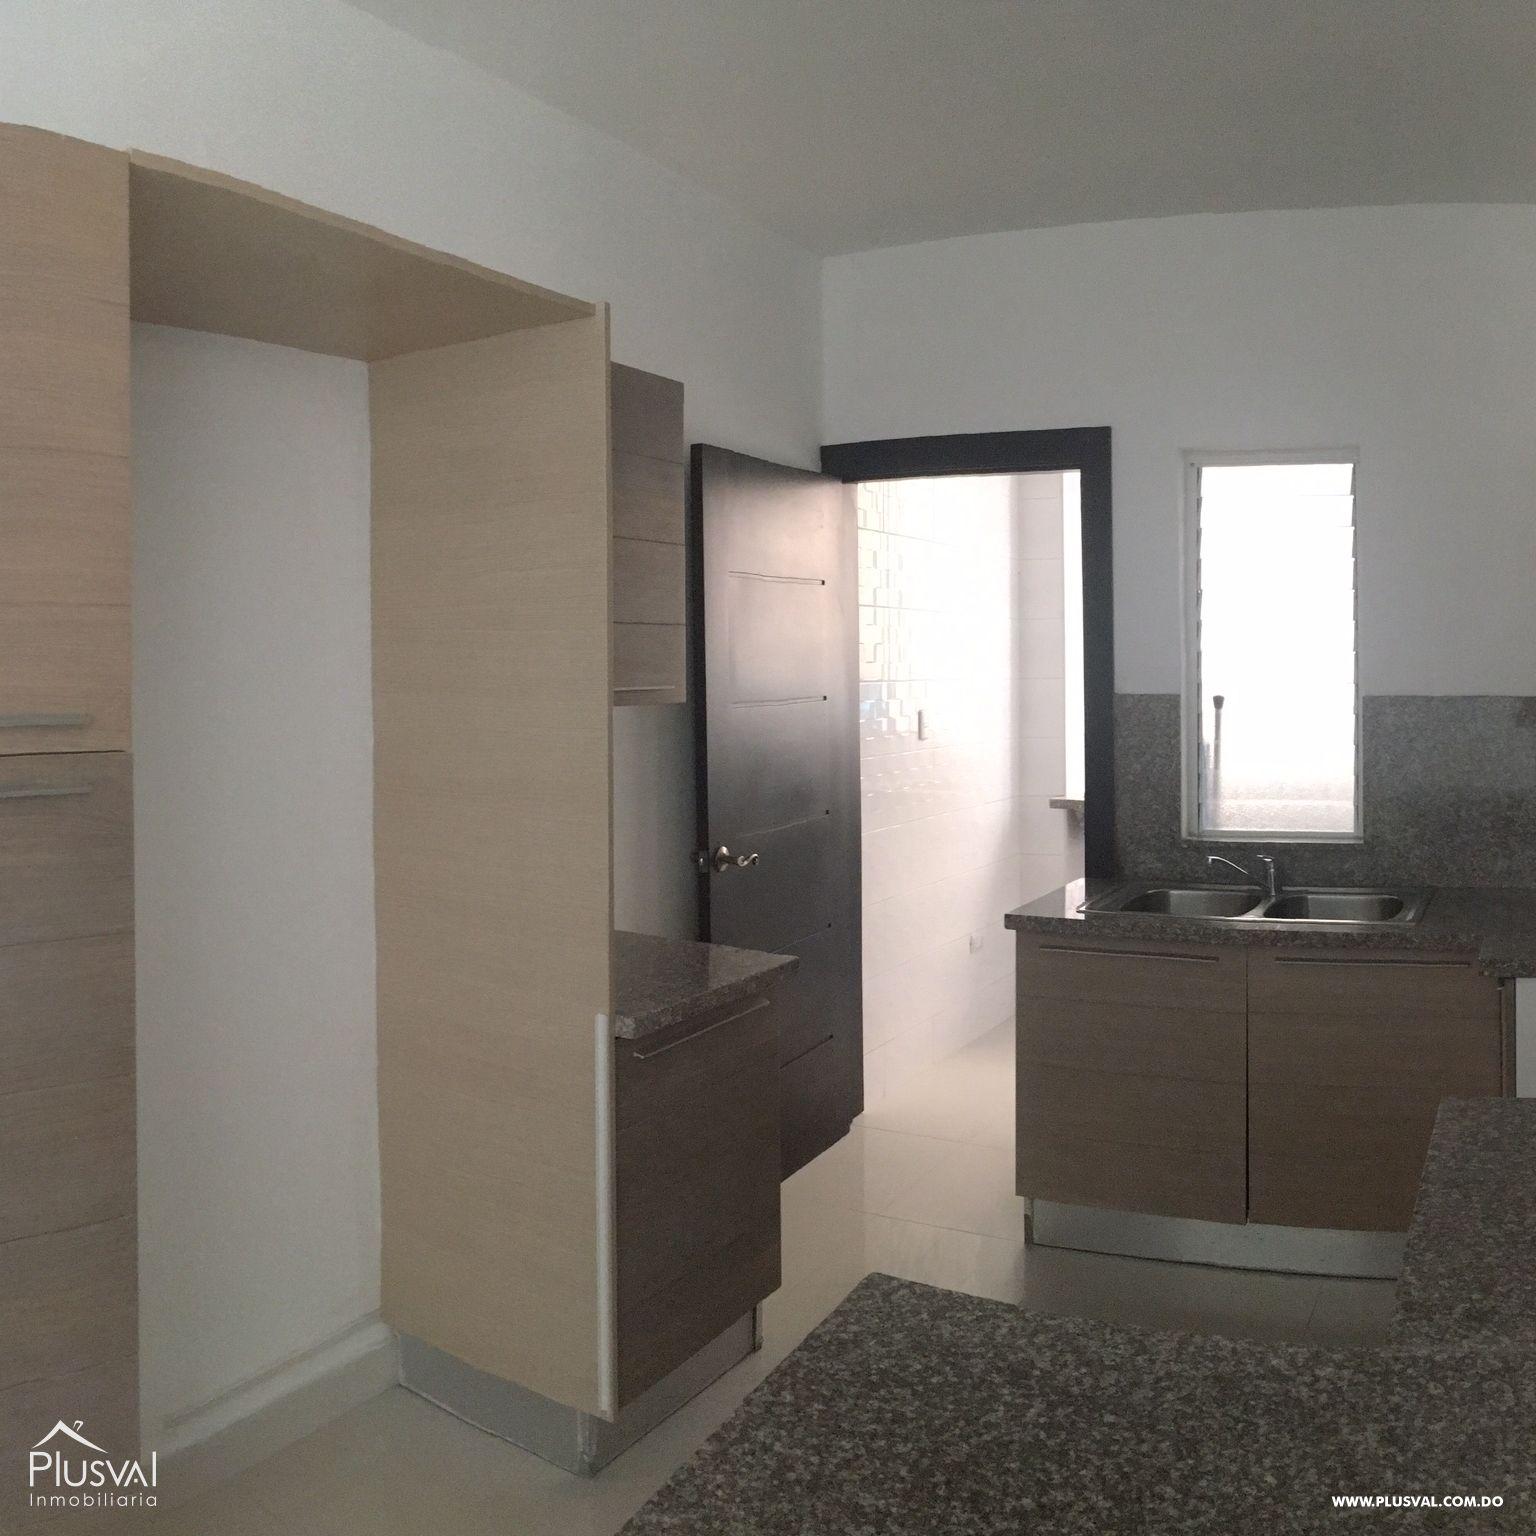 Proyecto residencial en venta, Mirador Norte. 169558